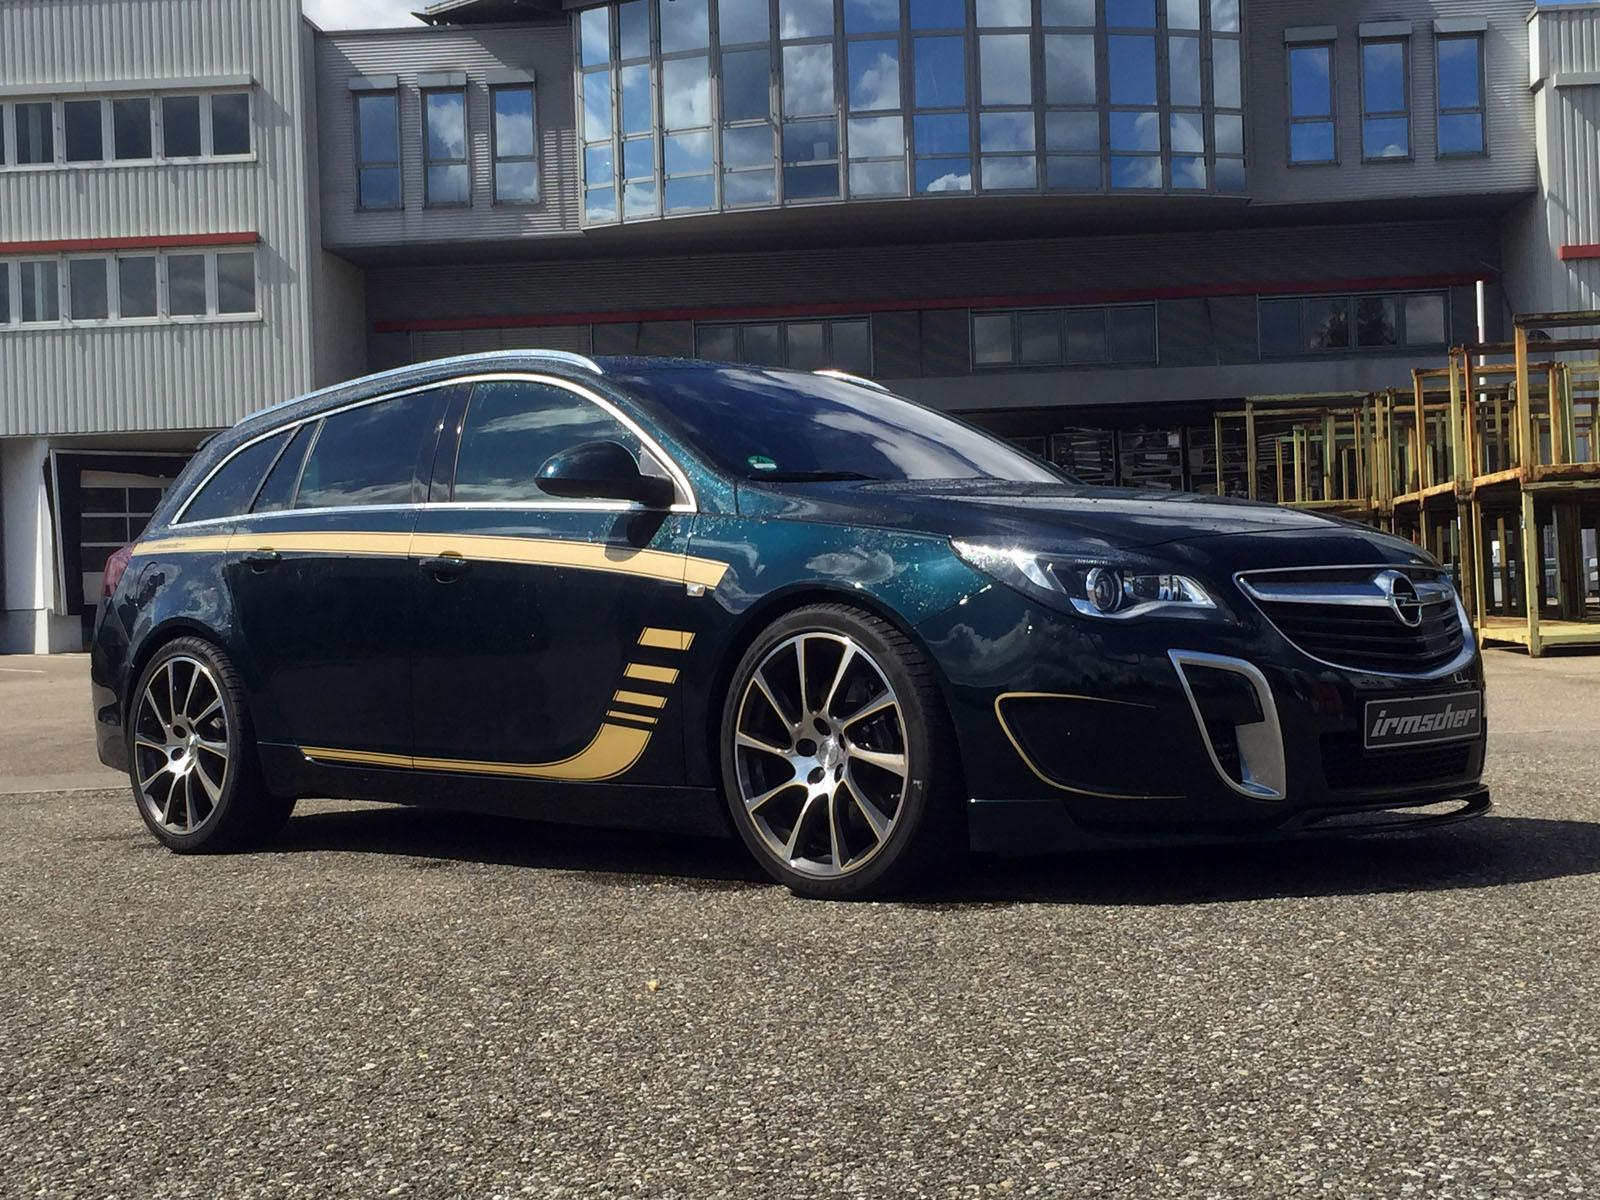 Opel Insignia Opc Sport Tourer By Irmscher